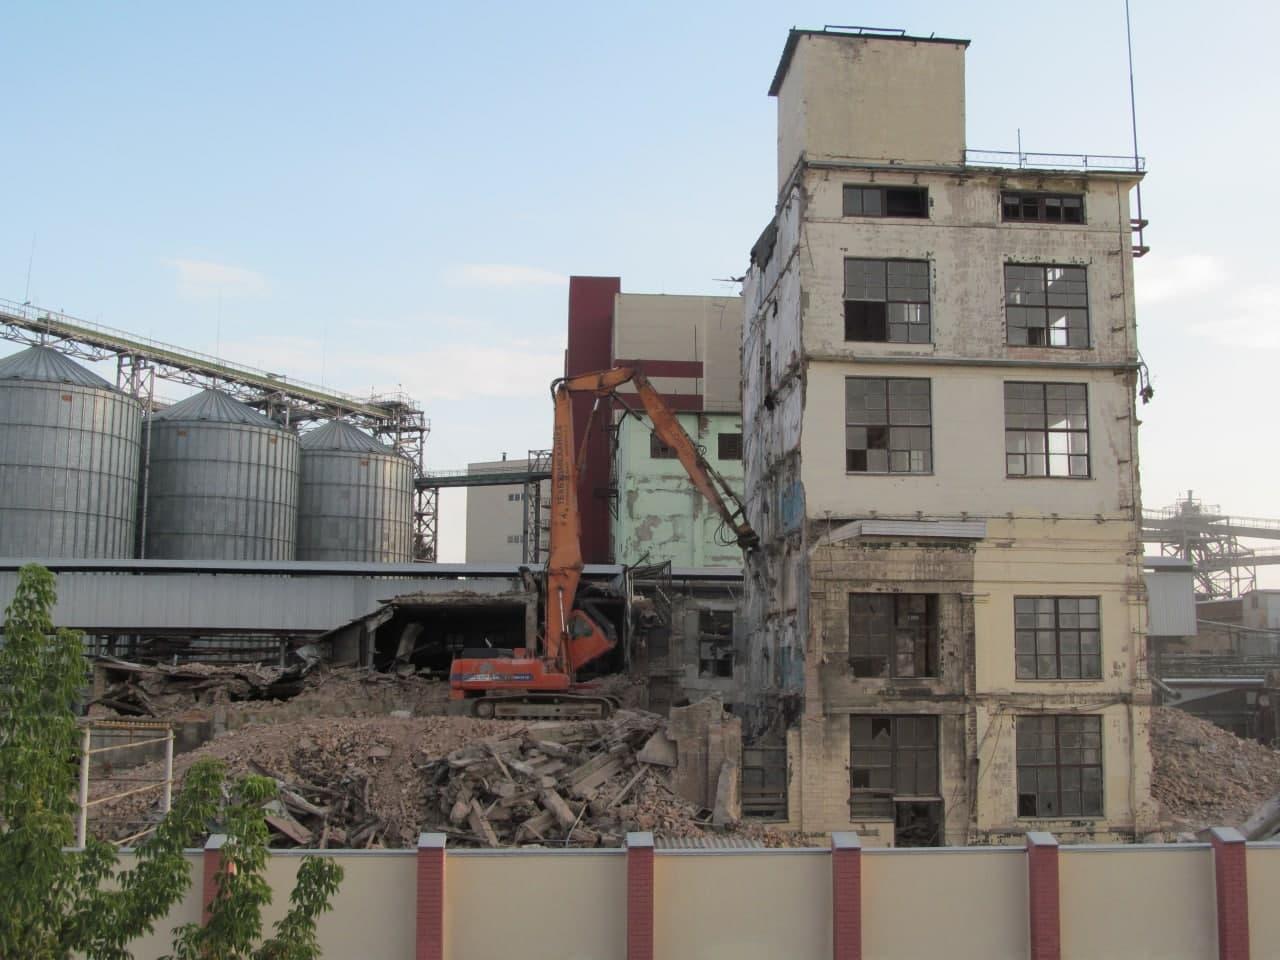 Вересень 2018 року. Демонтаж старого корпусу заводу.